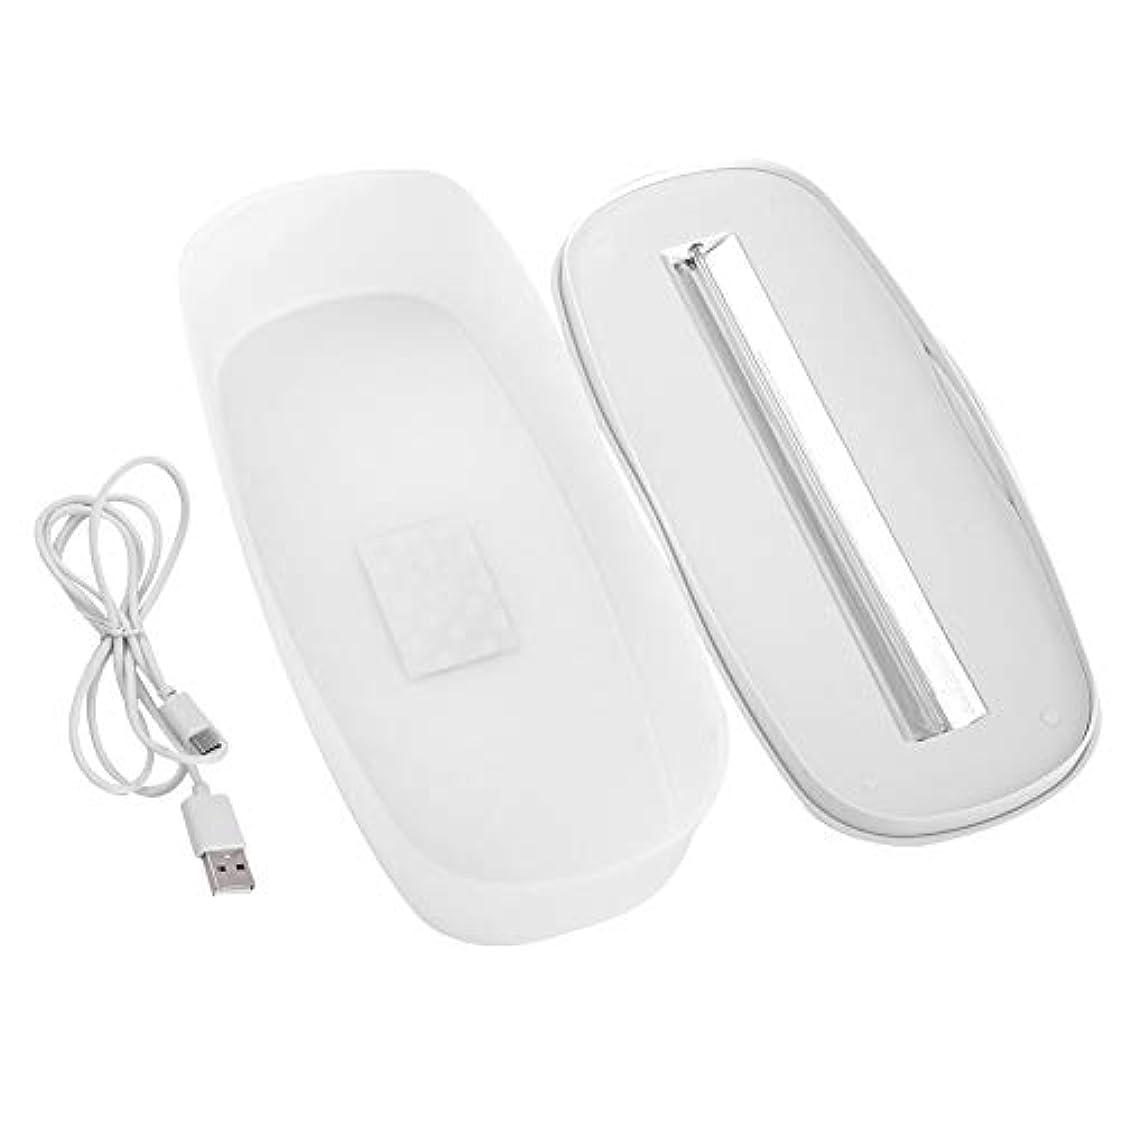 ミスペンドお風呂を持っているメイドネイルアートツールピンセットメイクブラシ用UV殺菌LED消毒ボックス